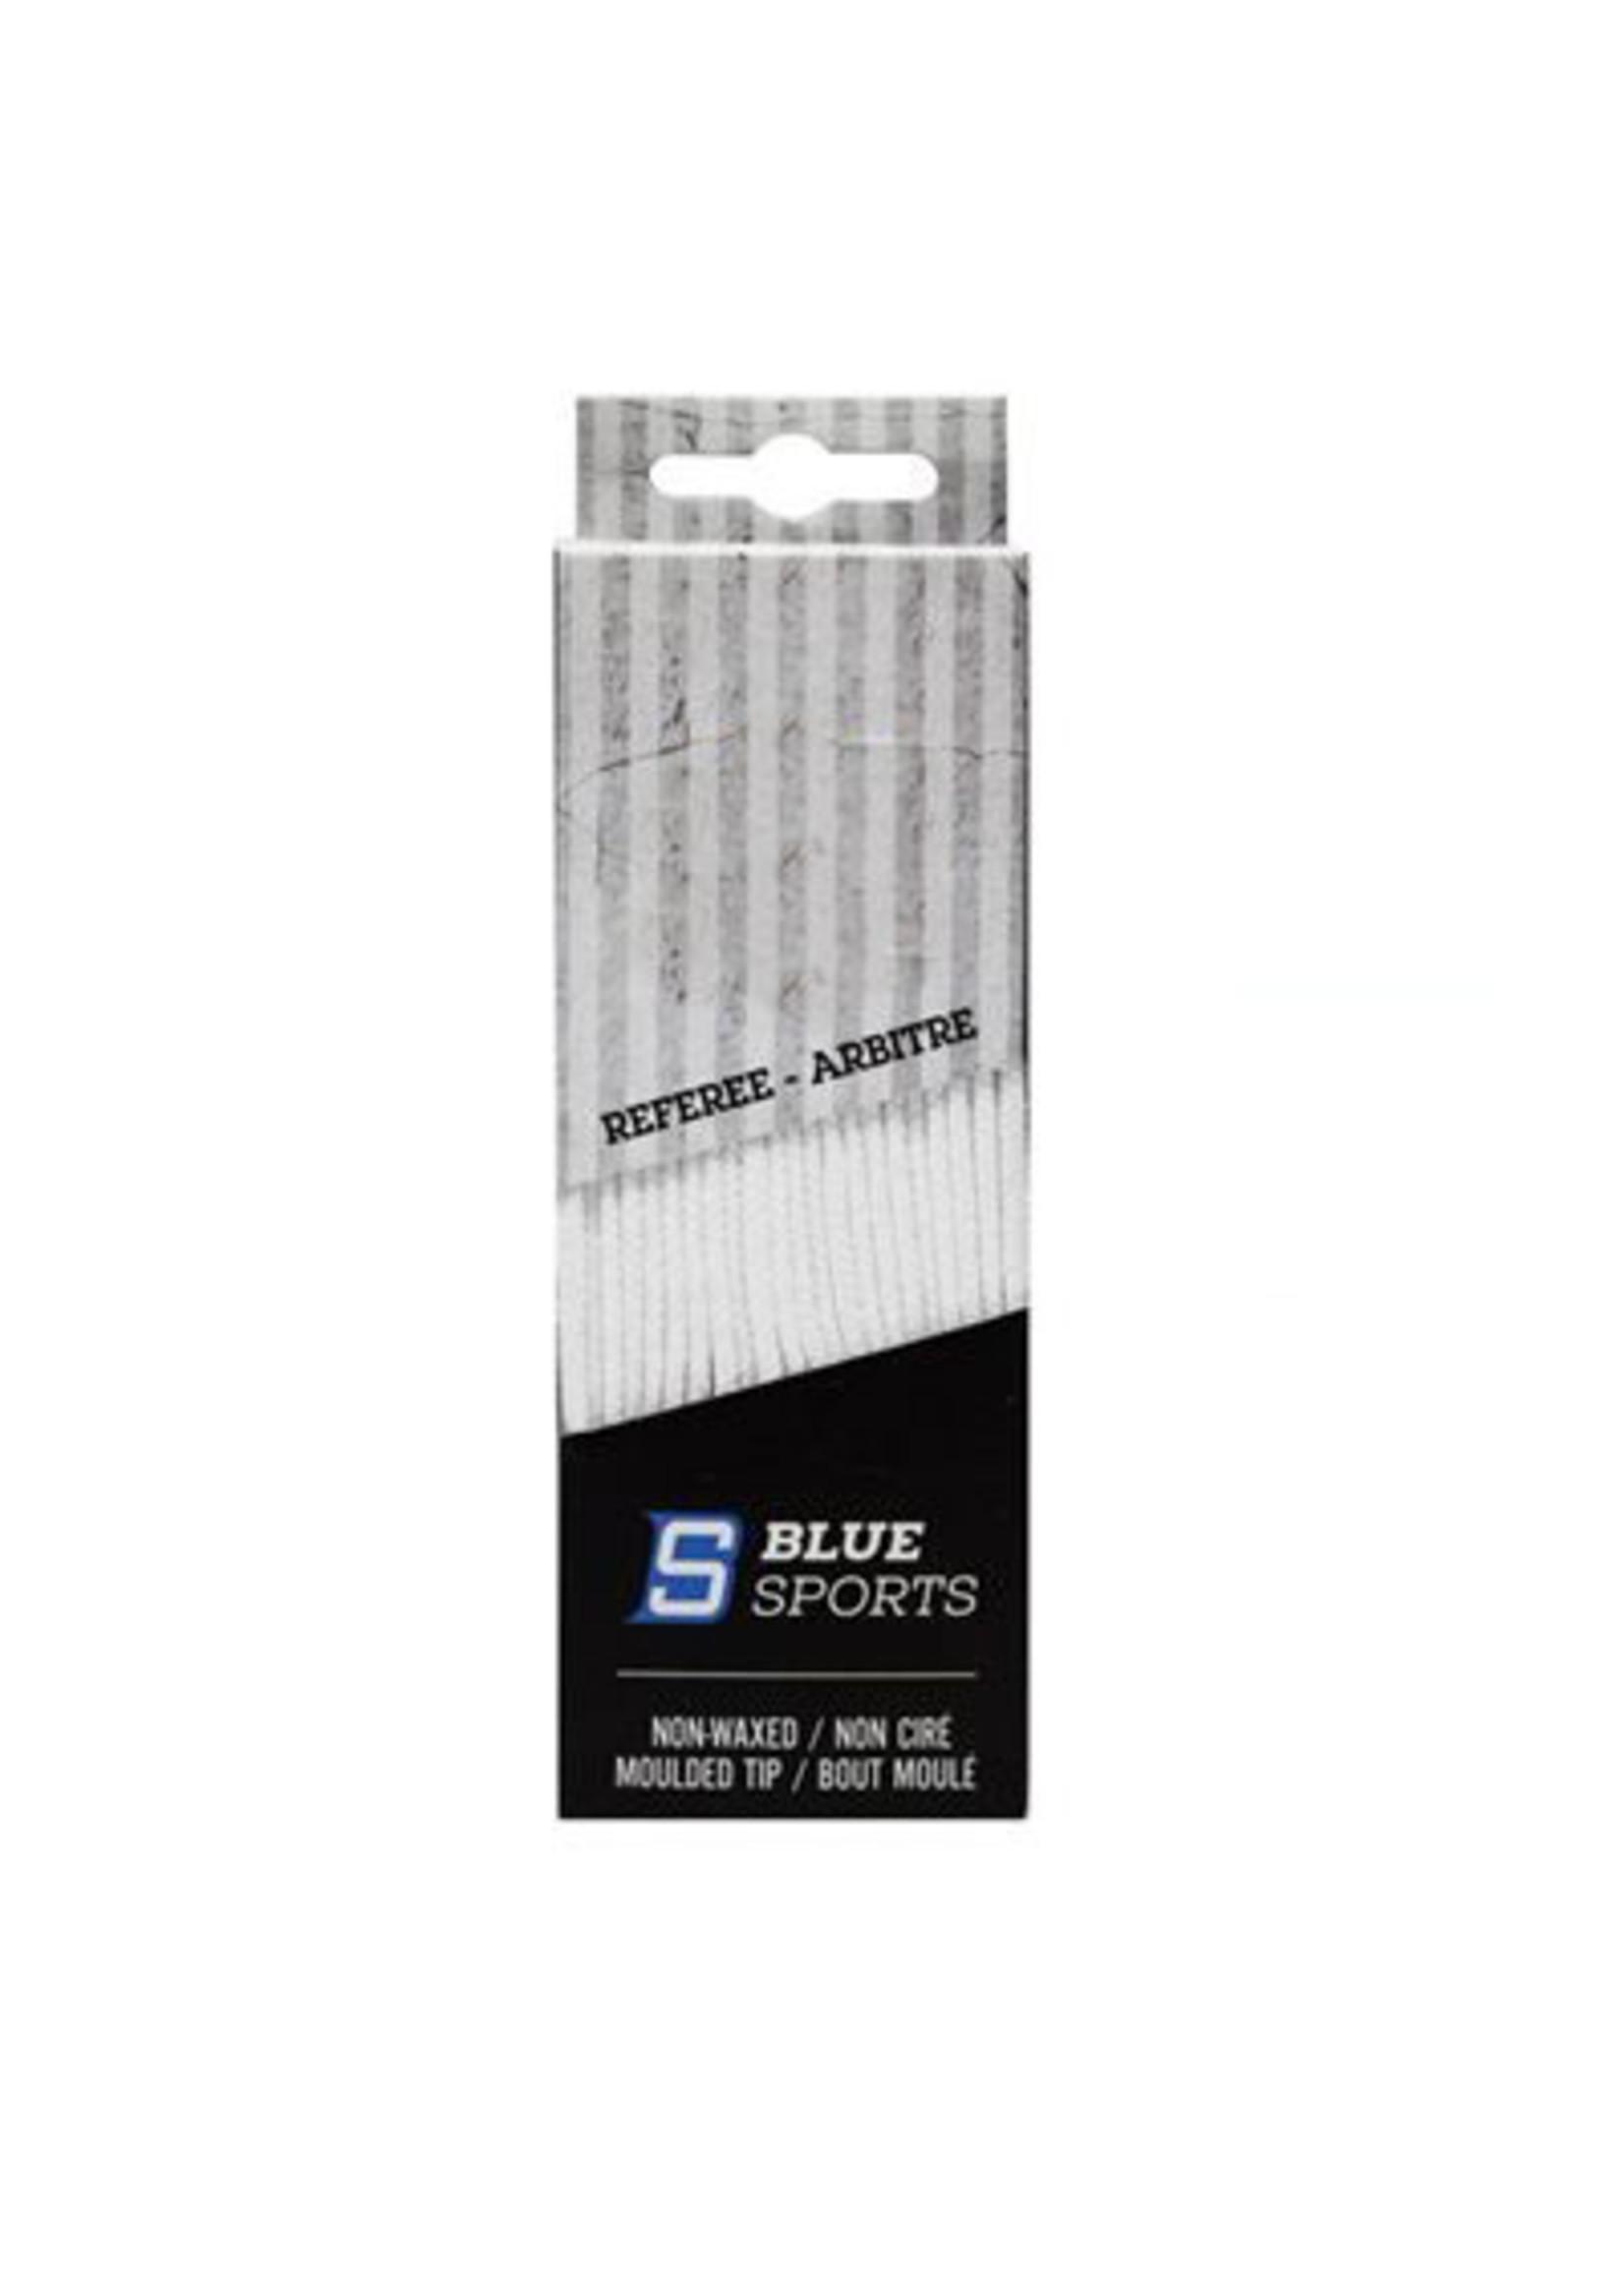 BLUE SPORTS ARBITRE LACETS